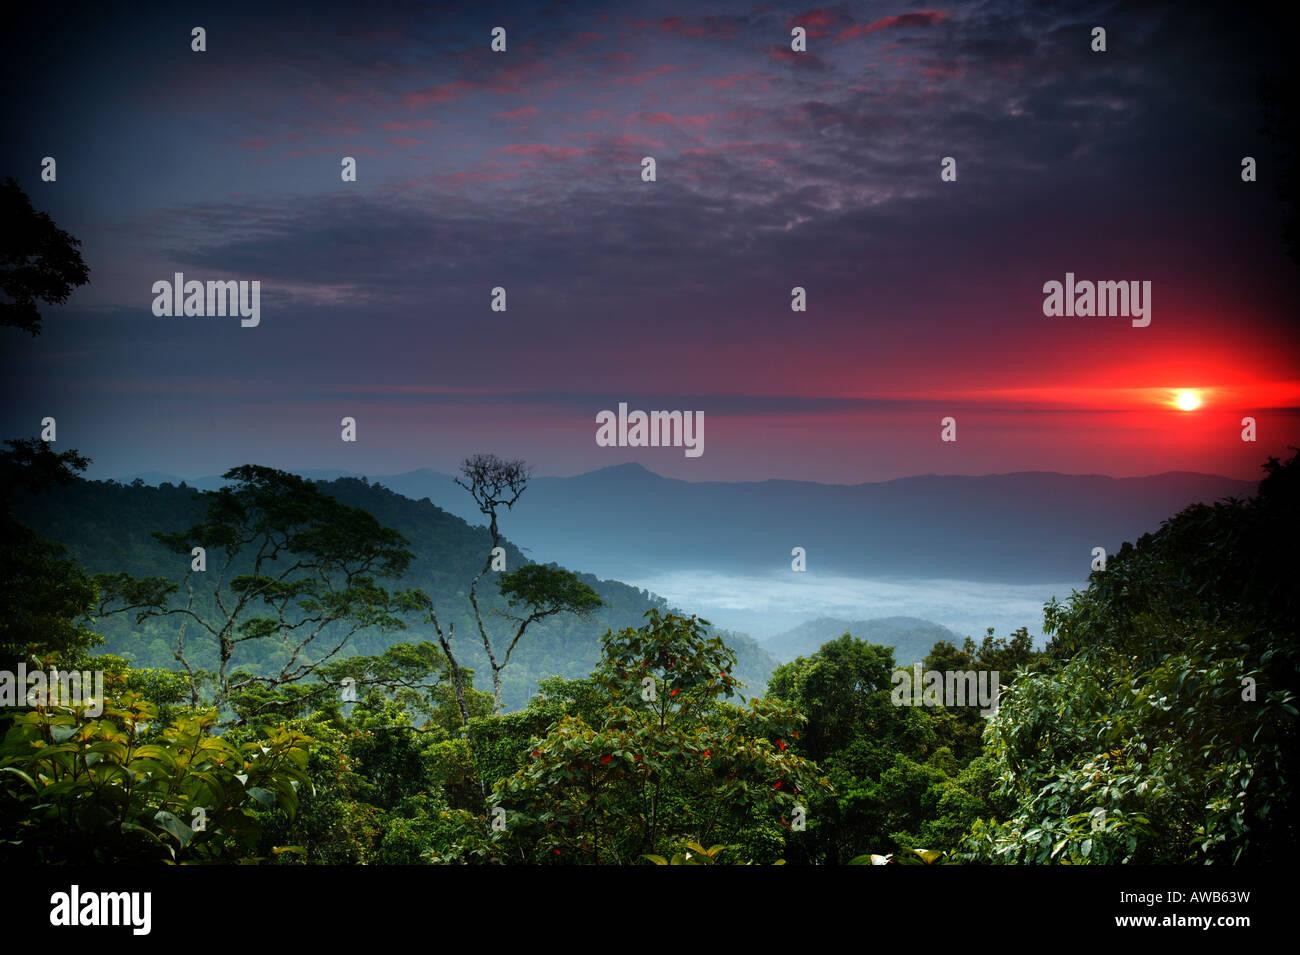 Hermoso amanecer visto desde el Cerro Pirre en el Parque Nacional del Darién, provincia de Darién, República de Foto de stock